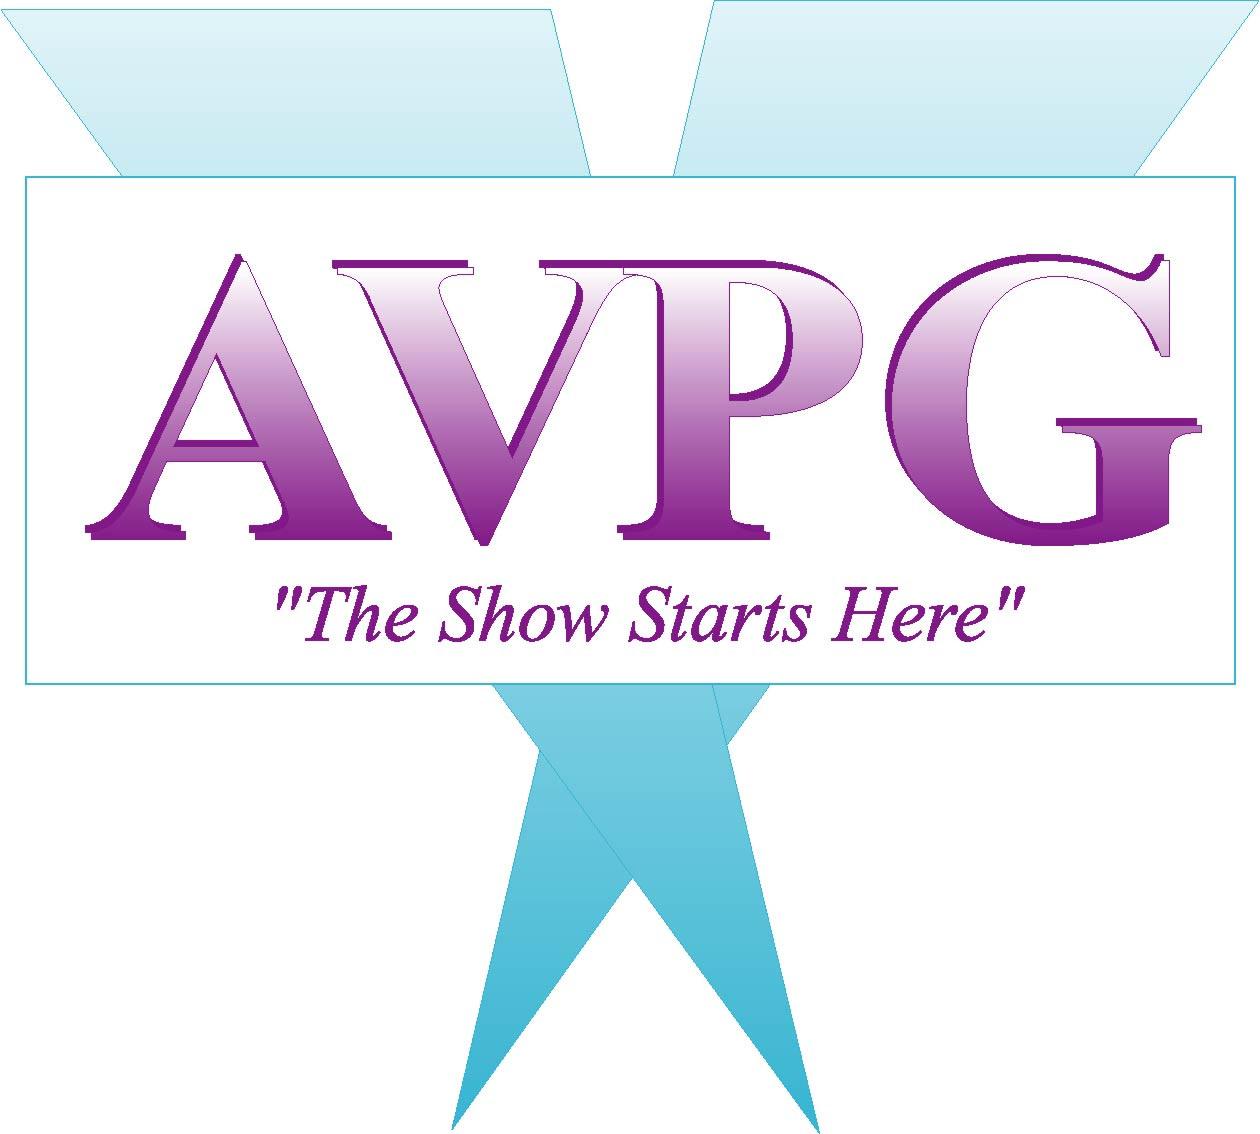 avpg.com